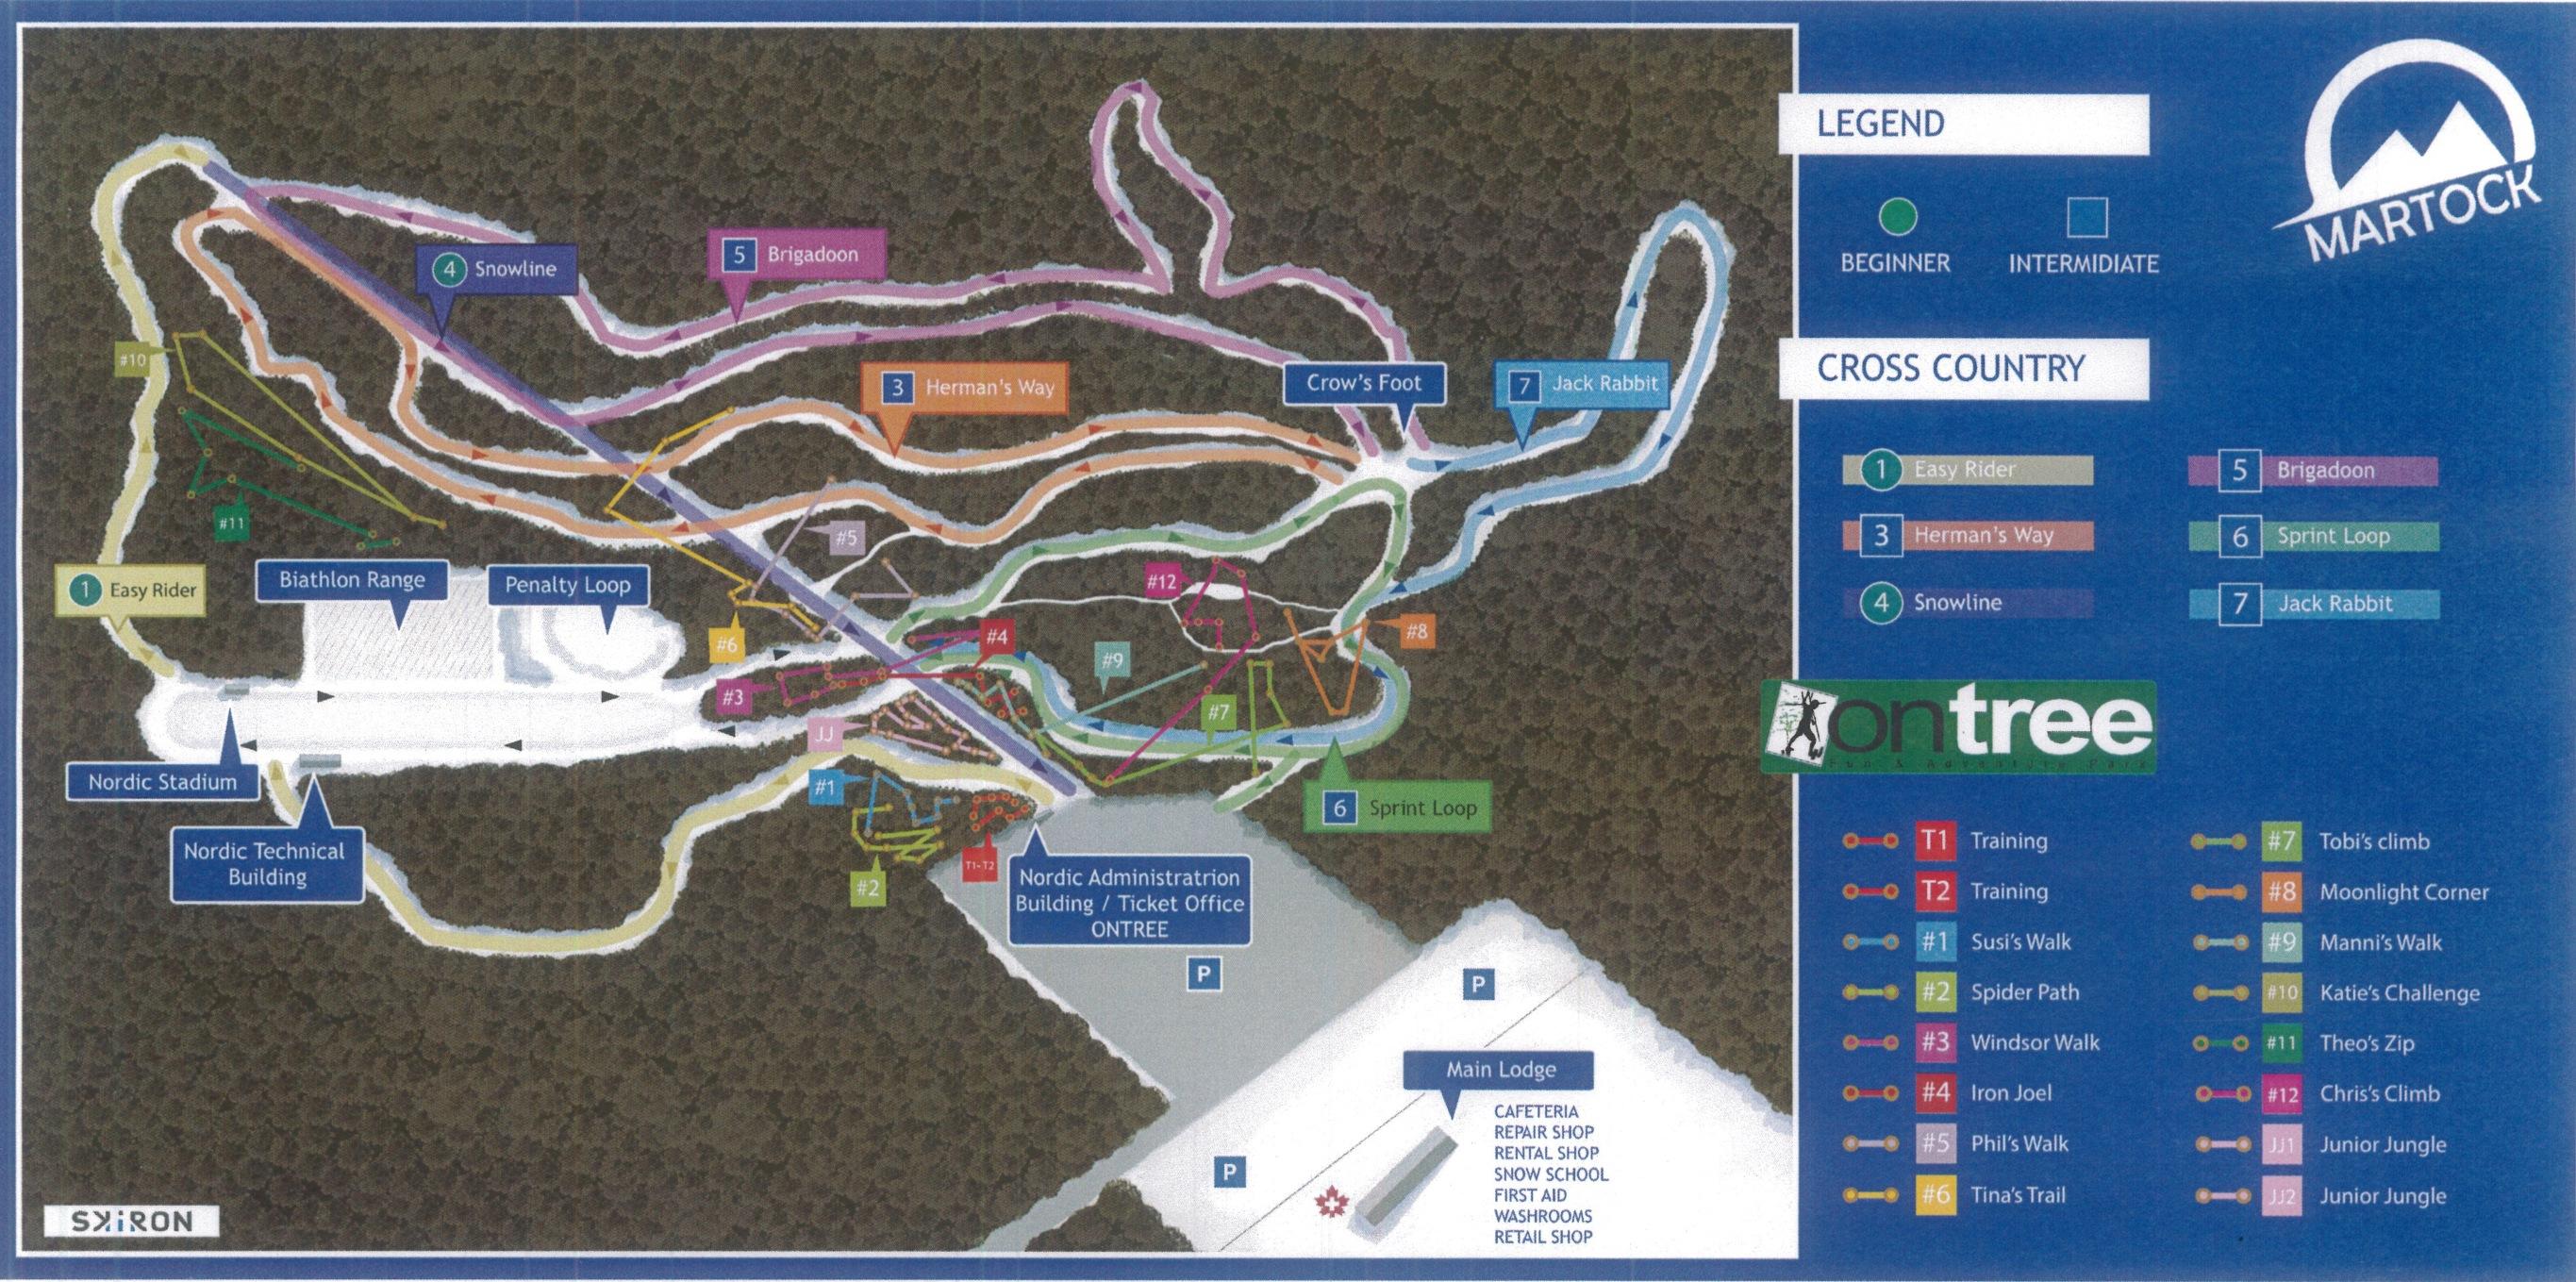 Nordic Trail Map at Ski Martock NS